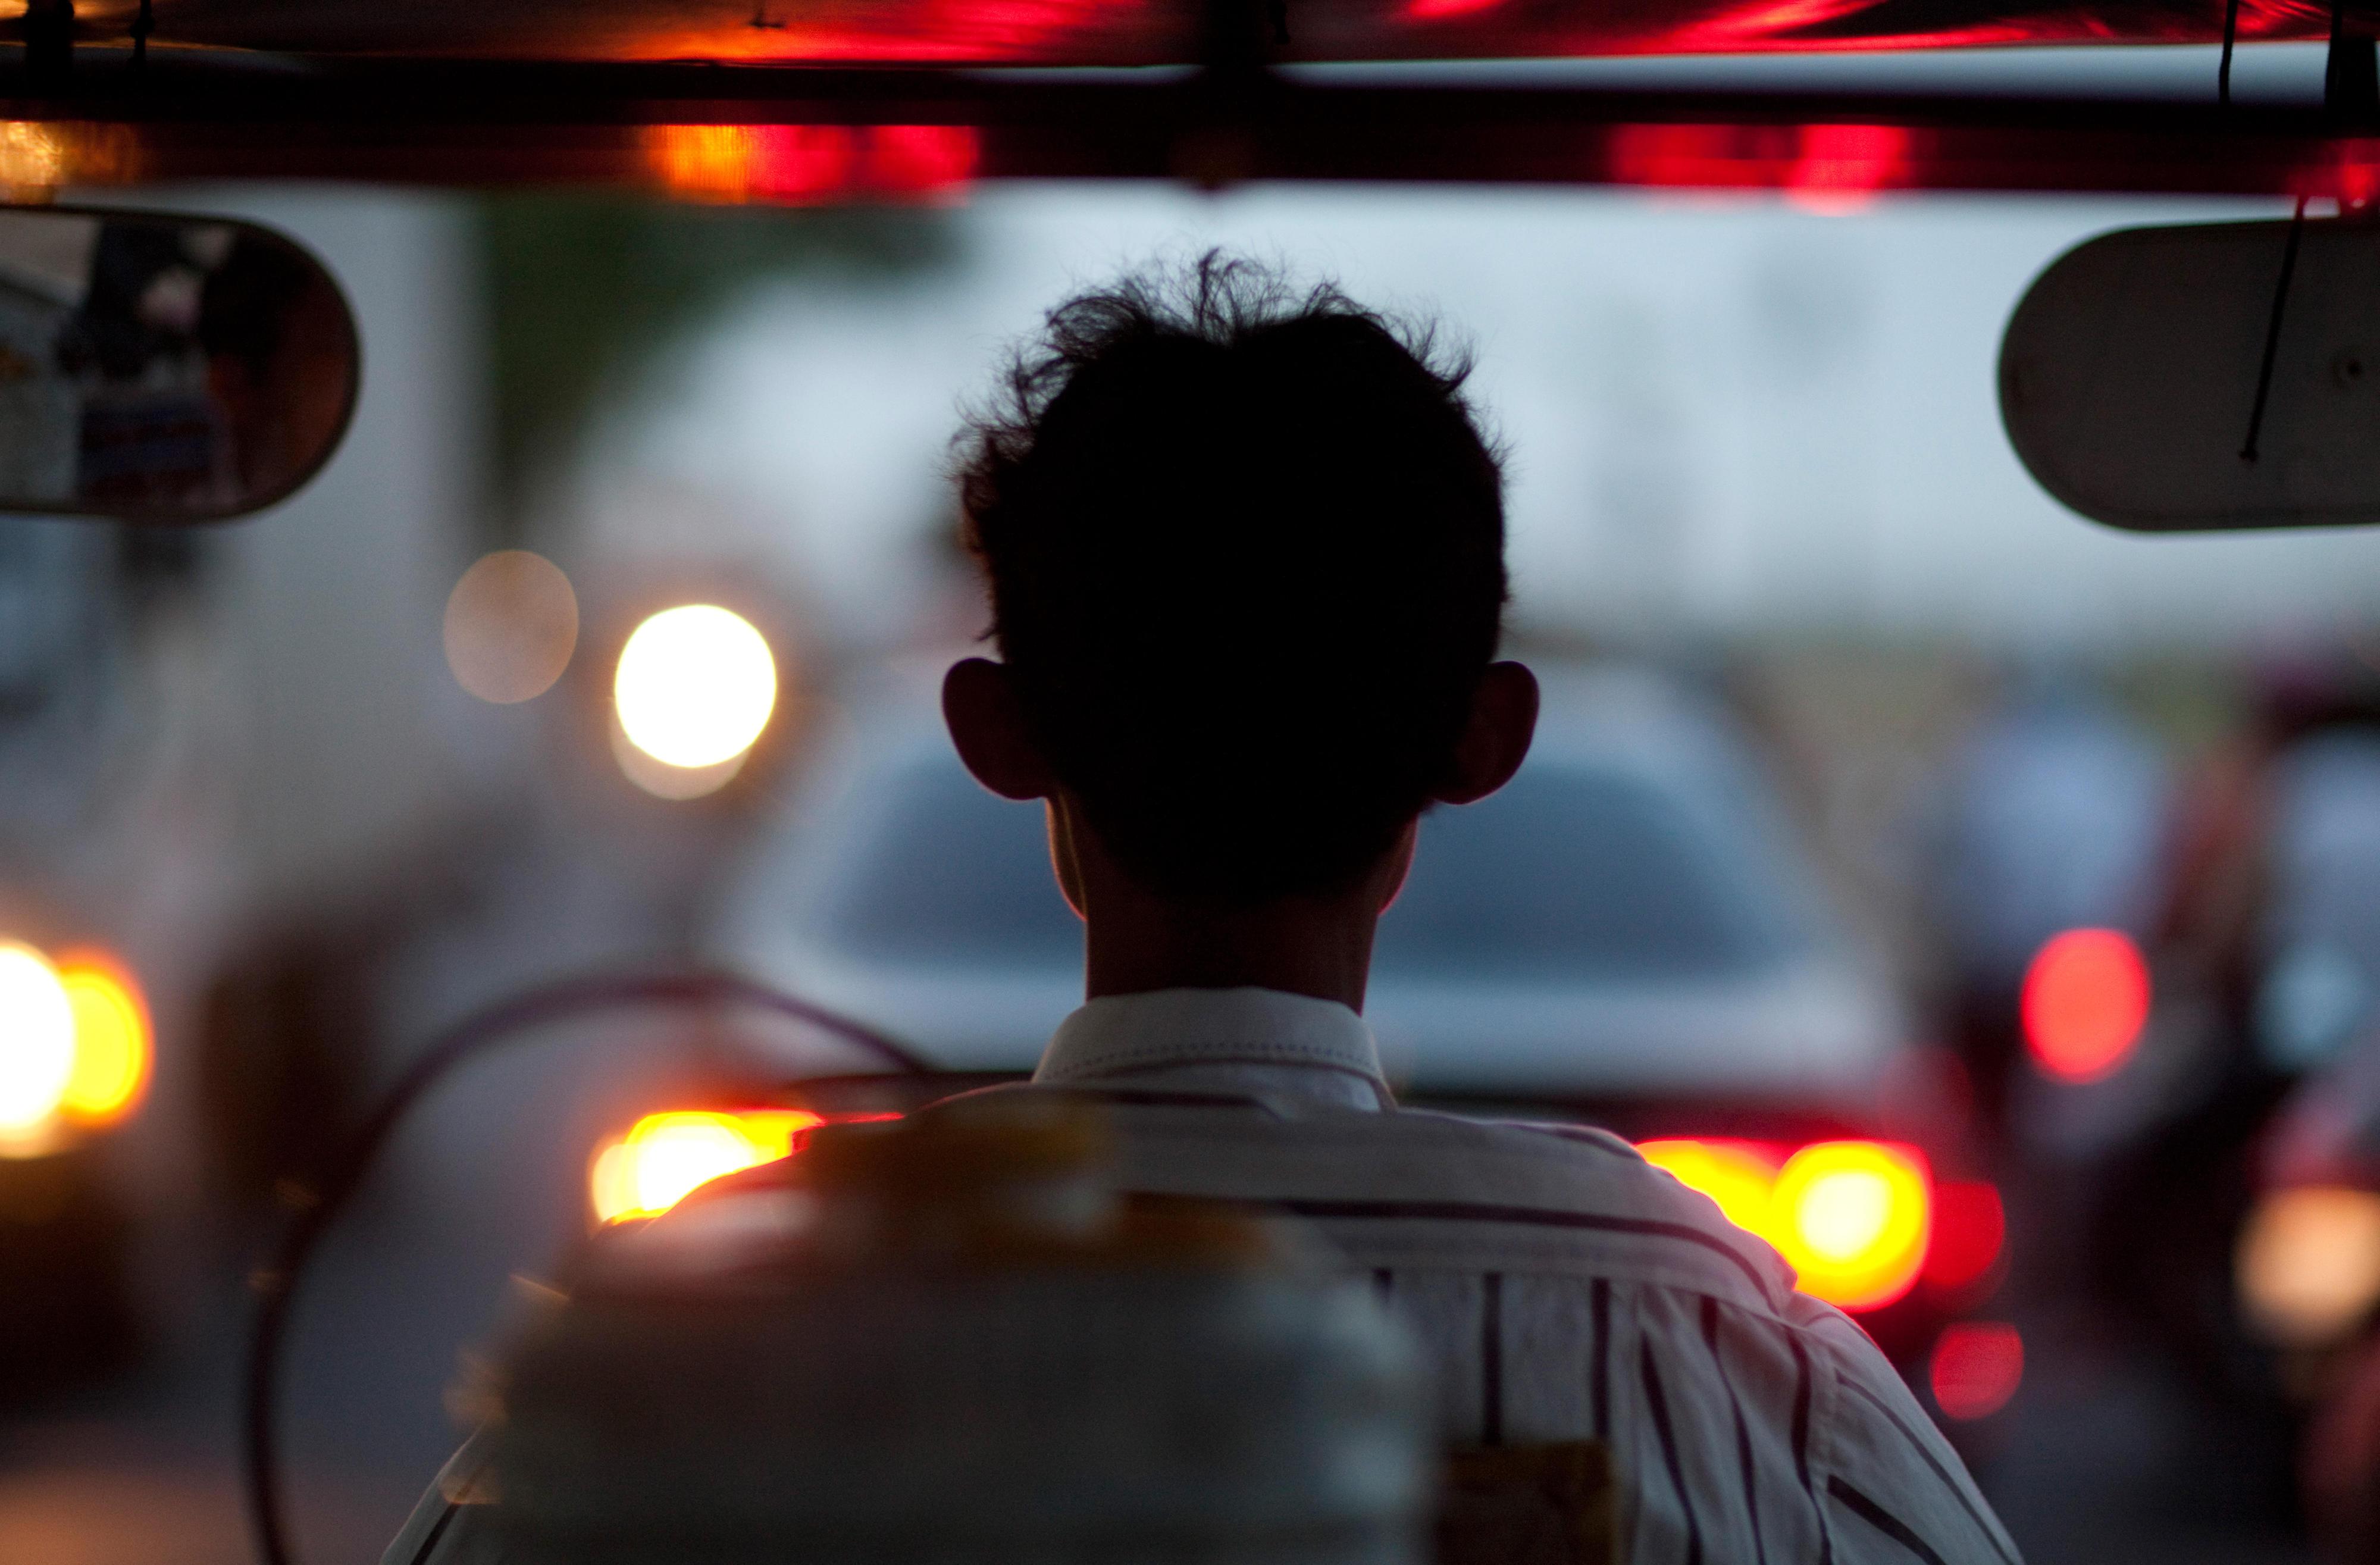 Fahrer eines Tuk Tuks (motorisierte Rikscha) in Phnom Penh, Kambodscha